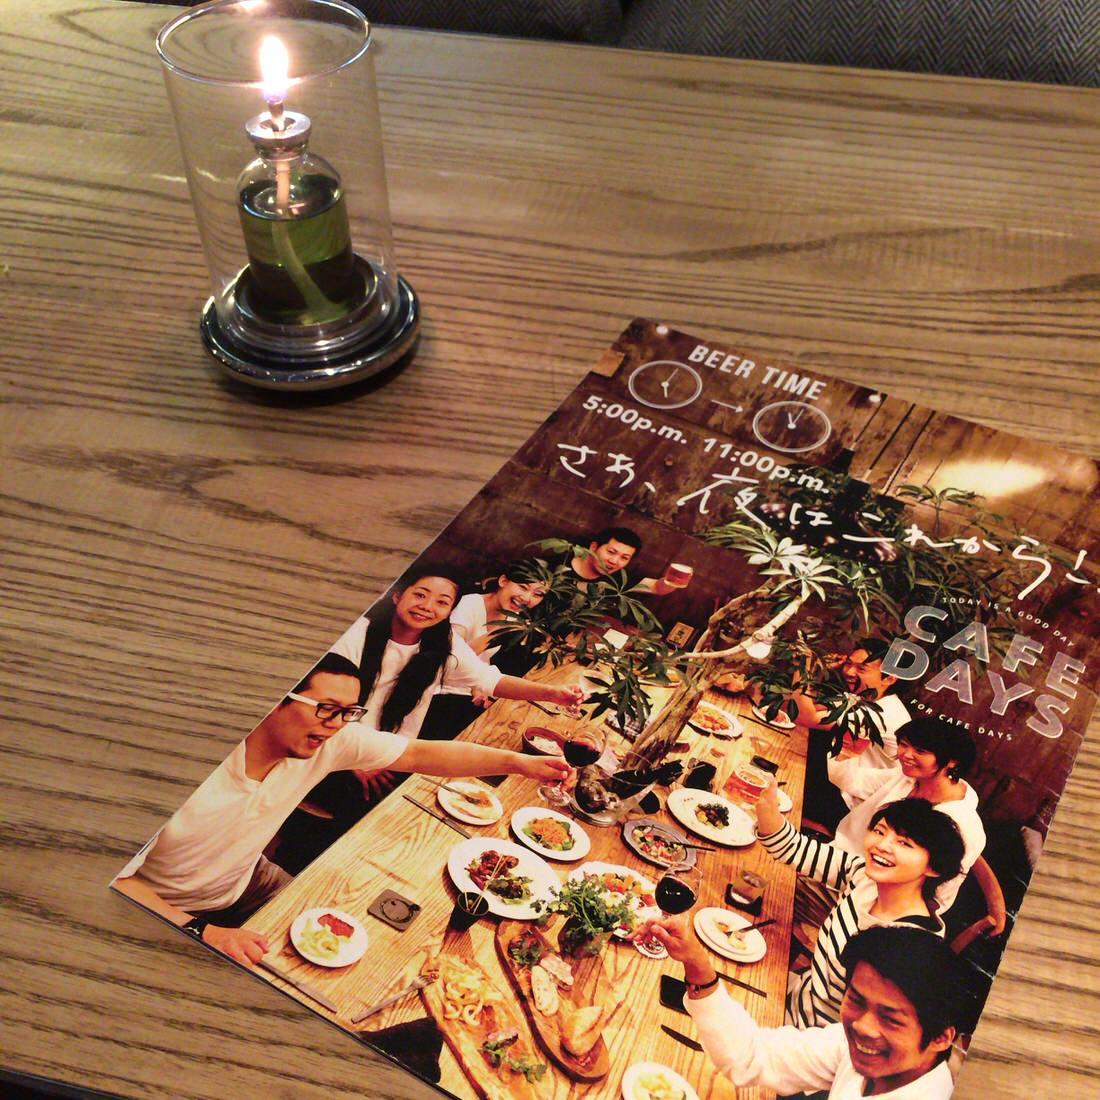 cafe-days-メニュー-キャンドル